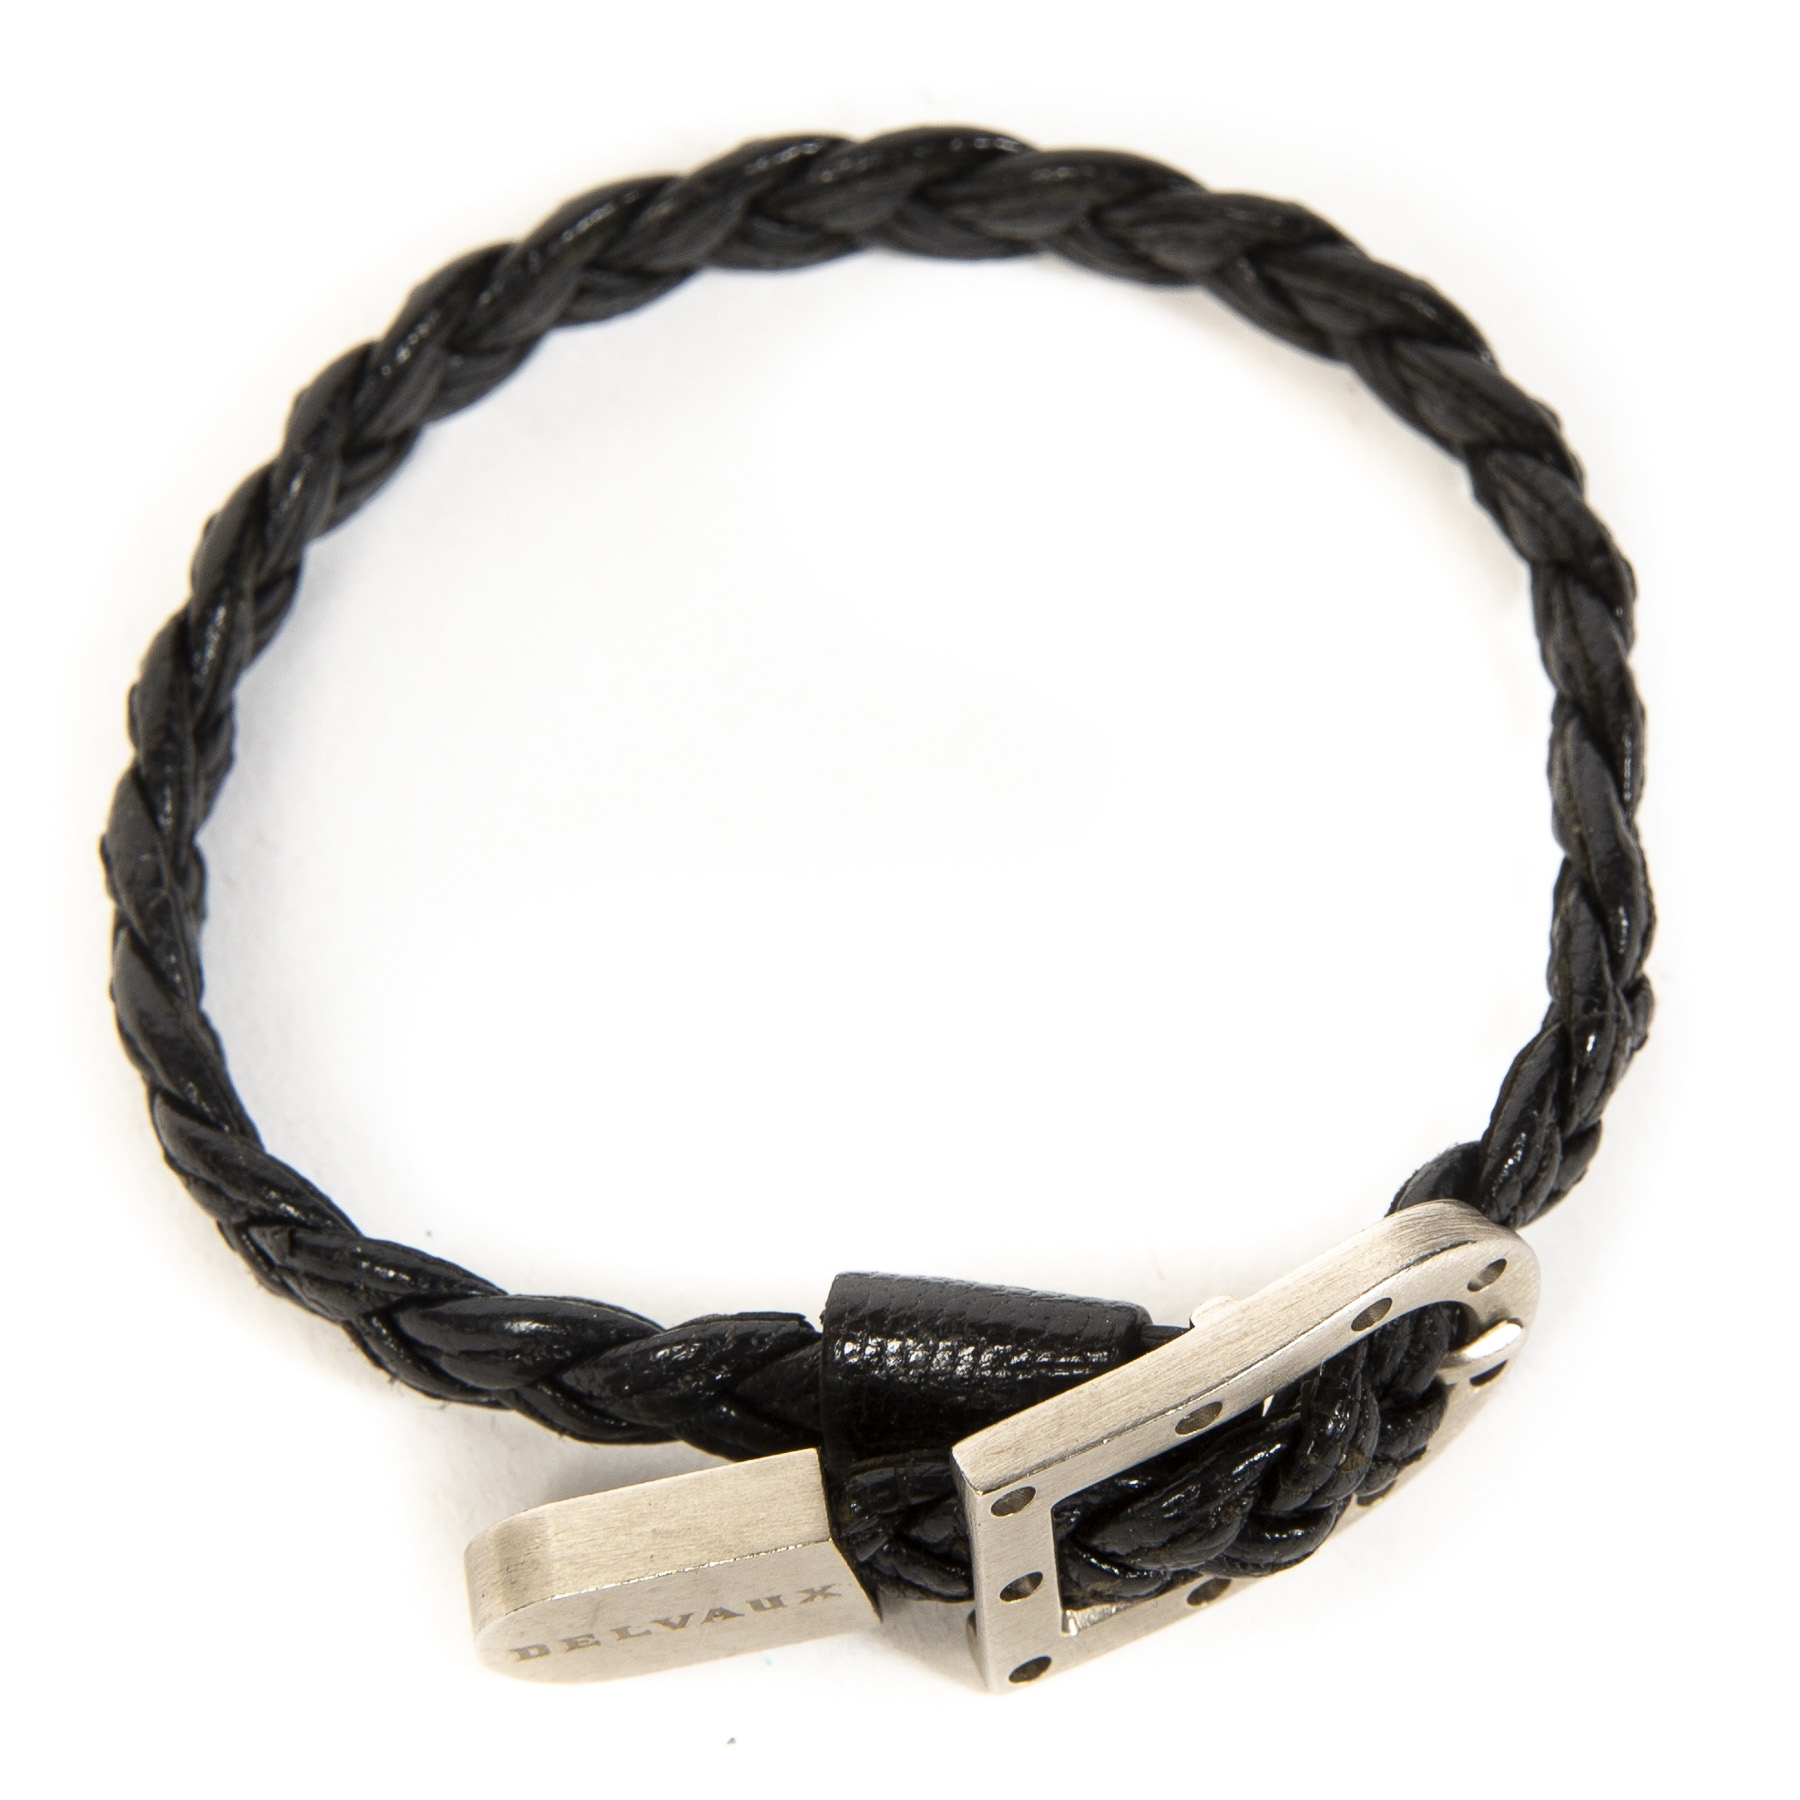 Authentieke tweedehands Delvaux black woven leather bracelet silver D juiste prijs veilig winkelen LabelLOV webshop luxe merken winkelen Antwerpen België mode fashion